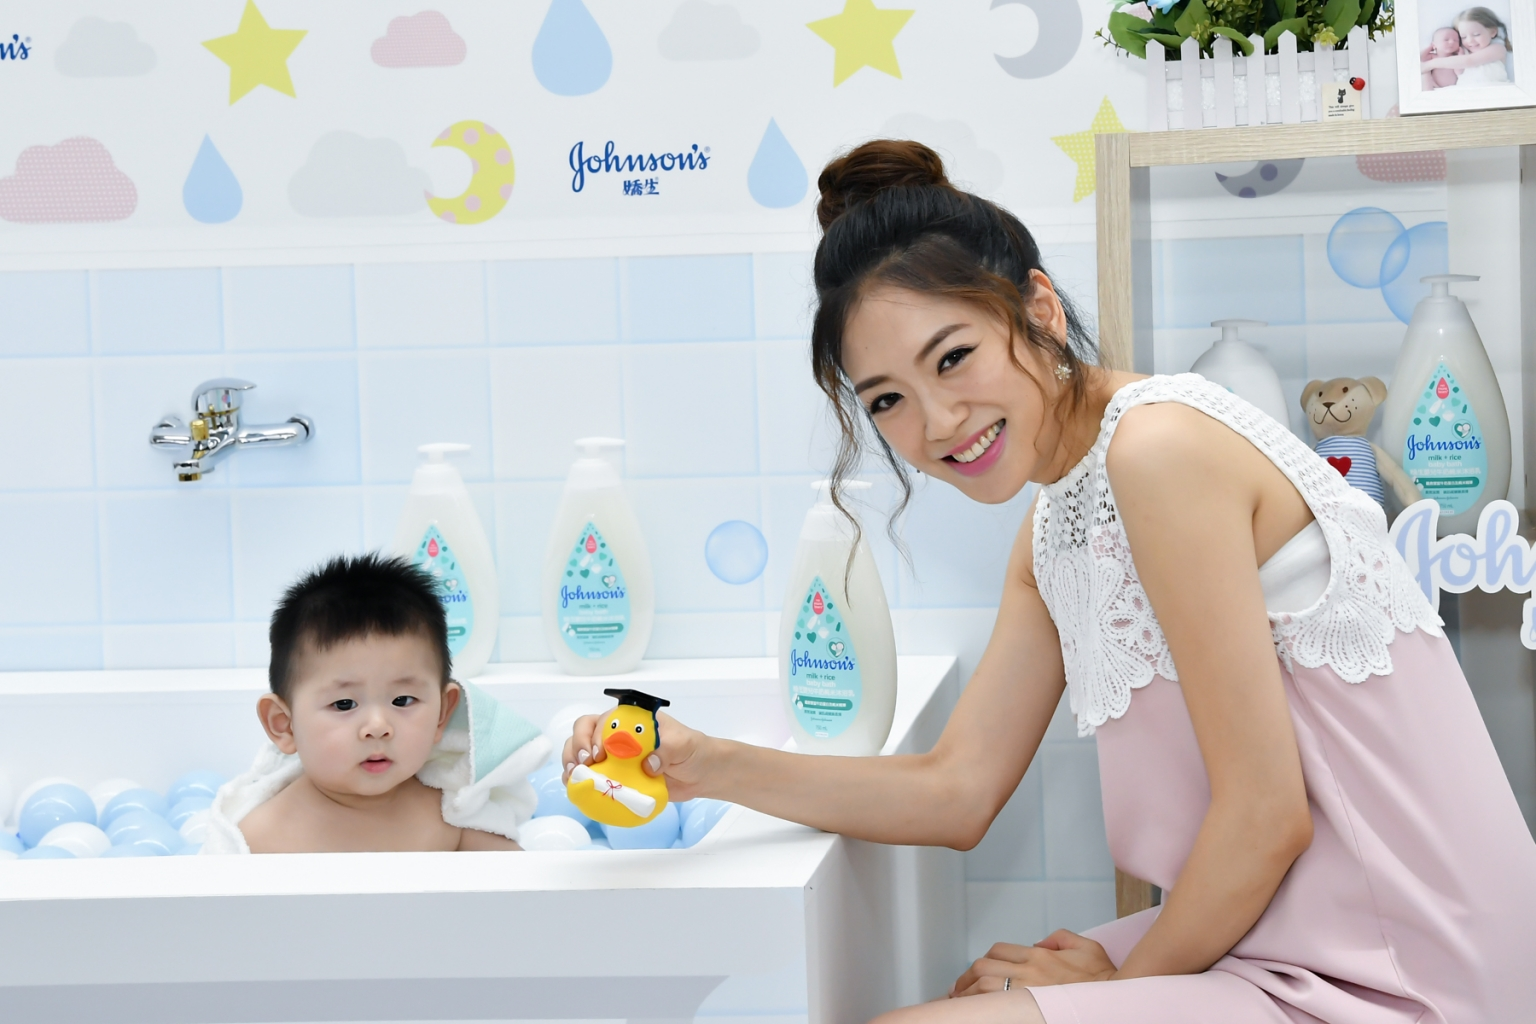 「天使寶寶」娃寶的愛笑秘訣竟與刺激娃寶的感官發展有關!秘訣是洗澡時的嗅覺、視覺互動,選擇低敏的洗沐用品